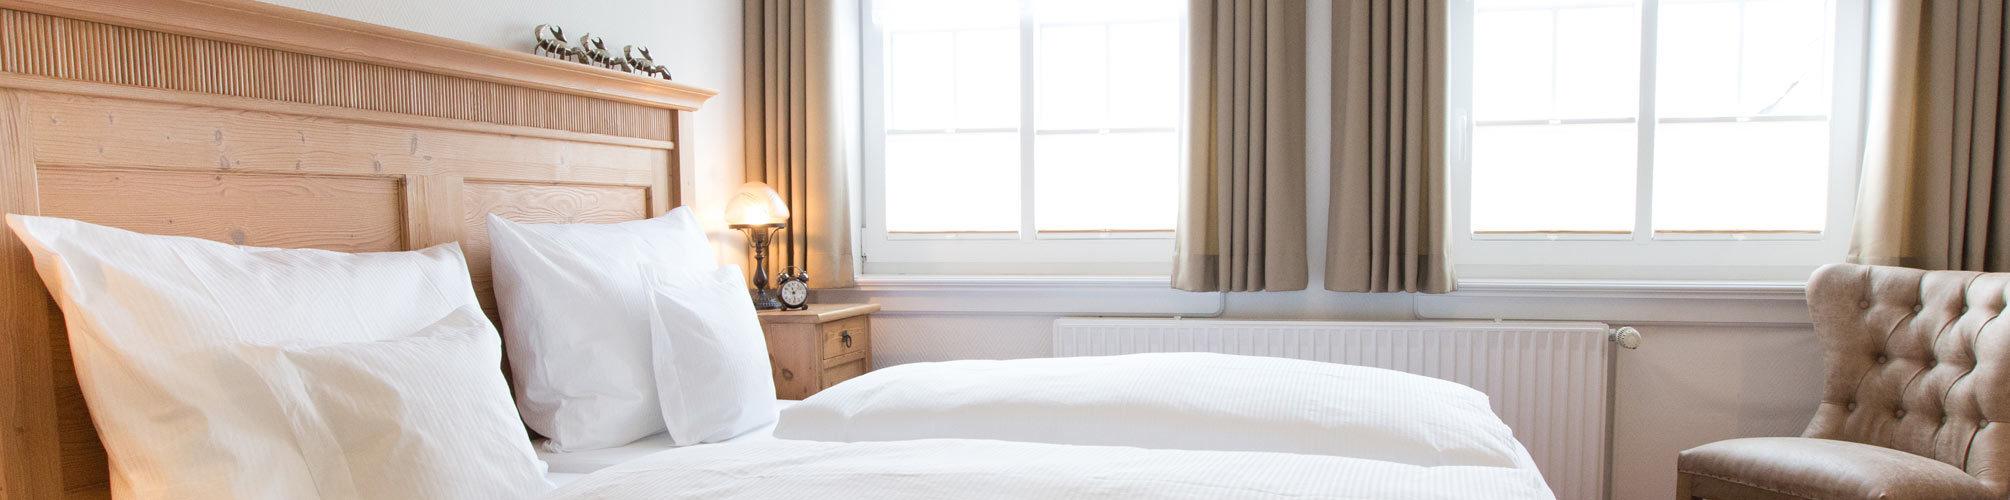 hotel-pension-uetjkiek-hotelzimmer-8